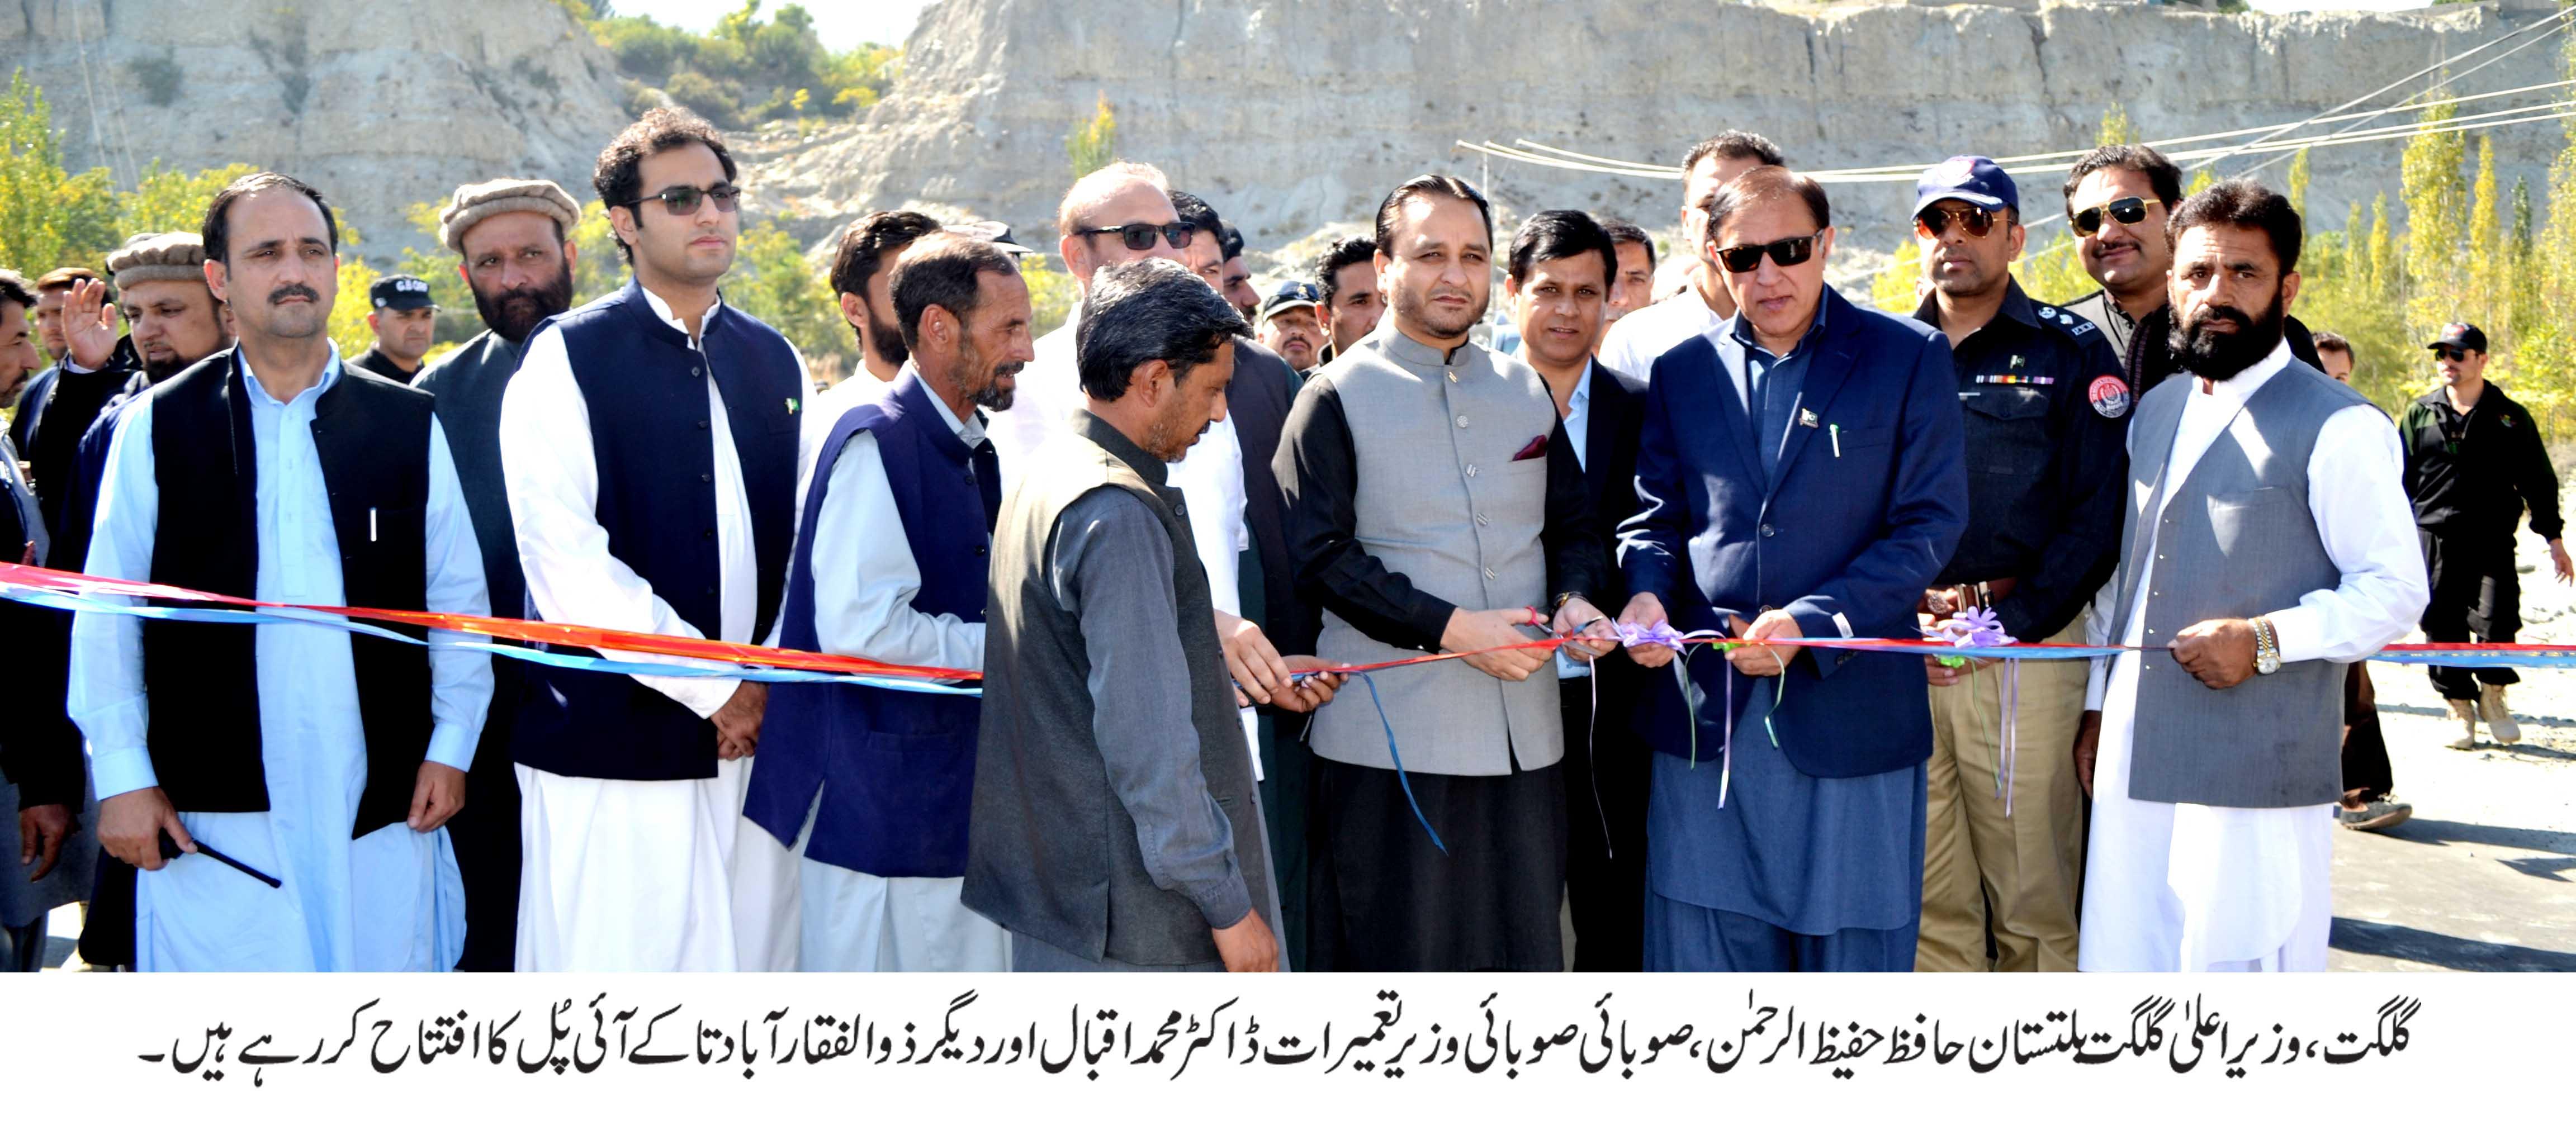 وزیر اعلی نے ذوالفیقار آباد تا یونیورسٹی پل کا افتتاح کر دیا، تکمیل میں بارہ سال لگے